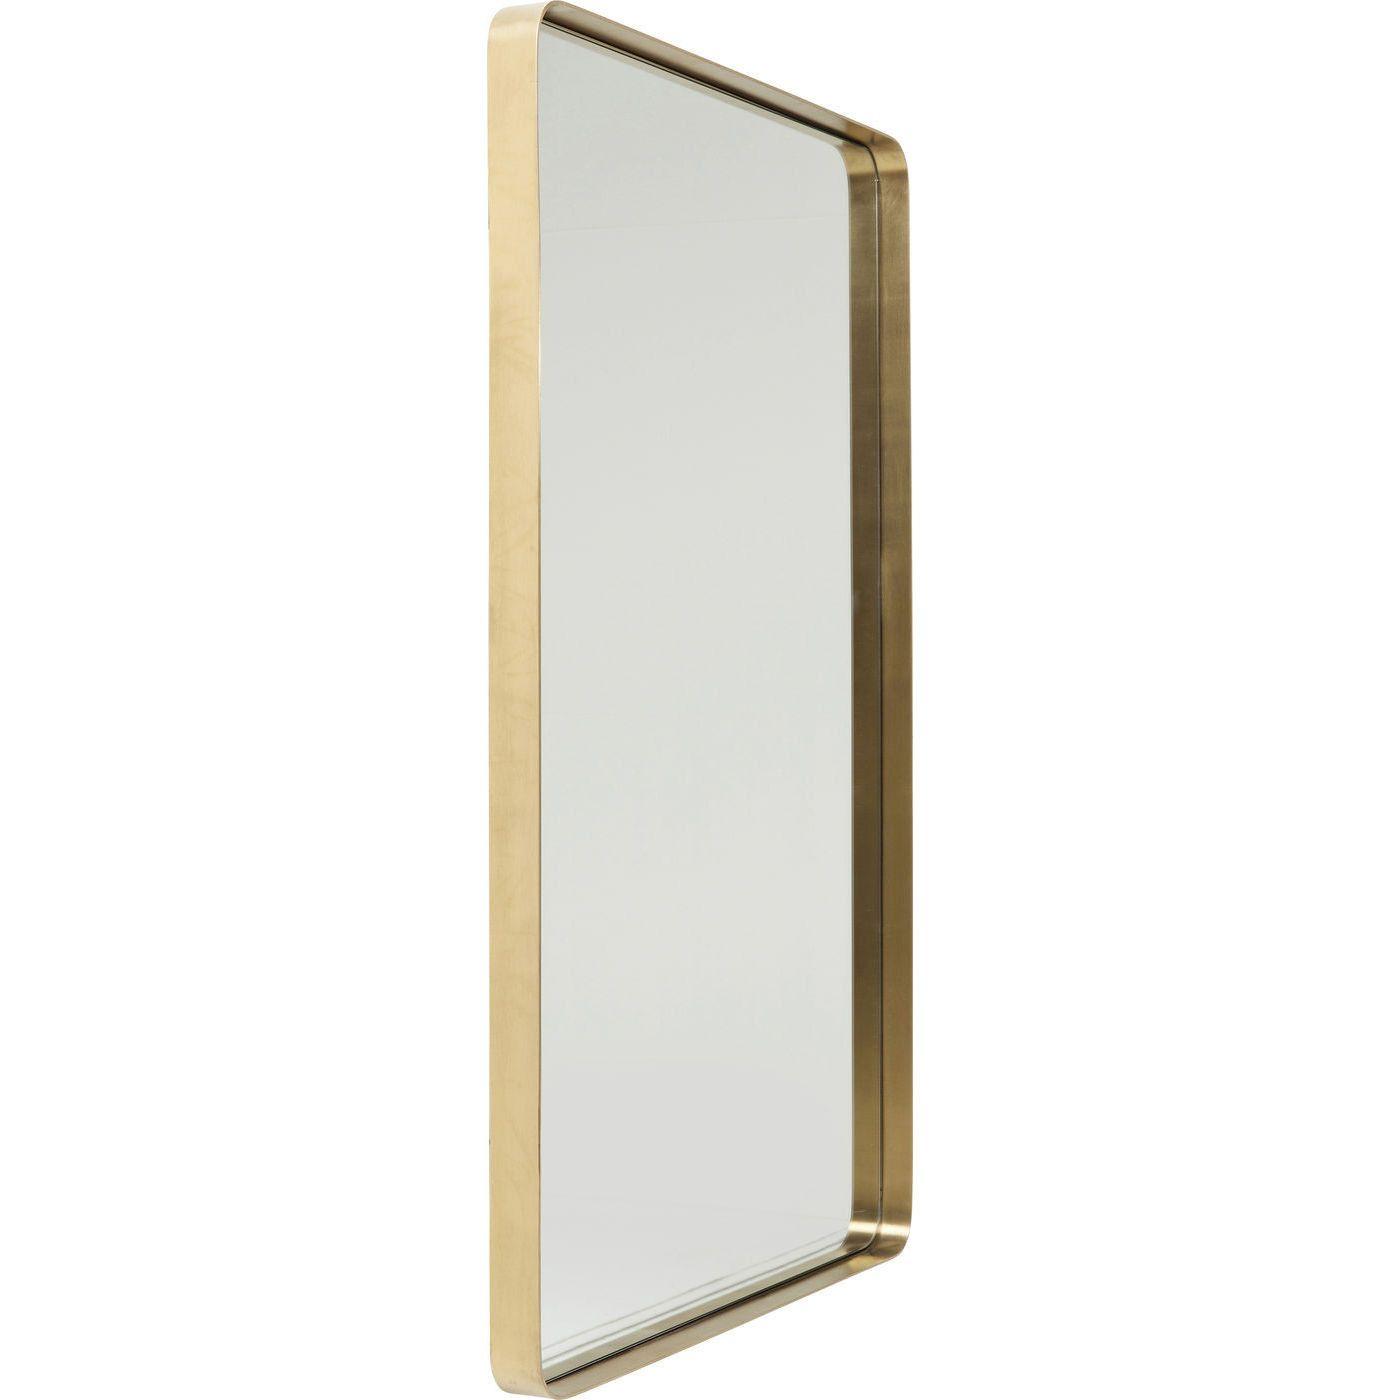 Spiegel Curve Rectangular Brass 120x80 Messing Badezimmer Spiegel Grosser Spiegel